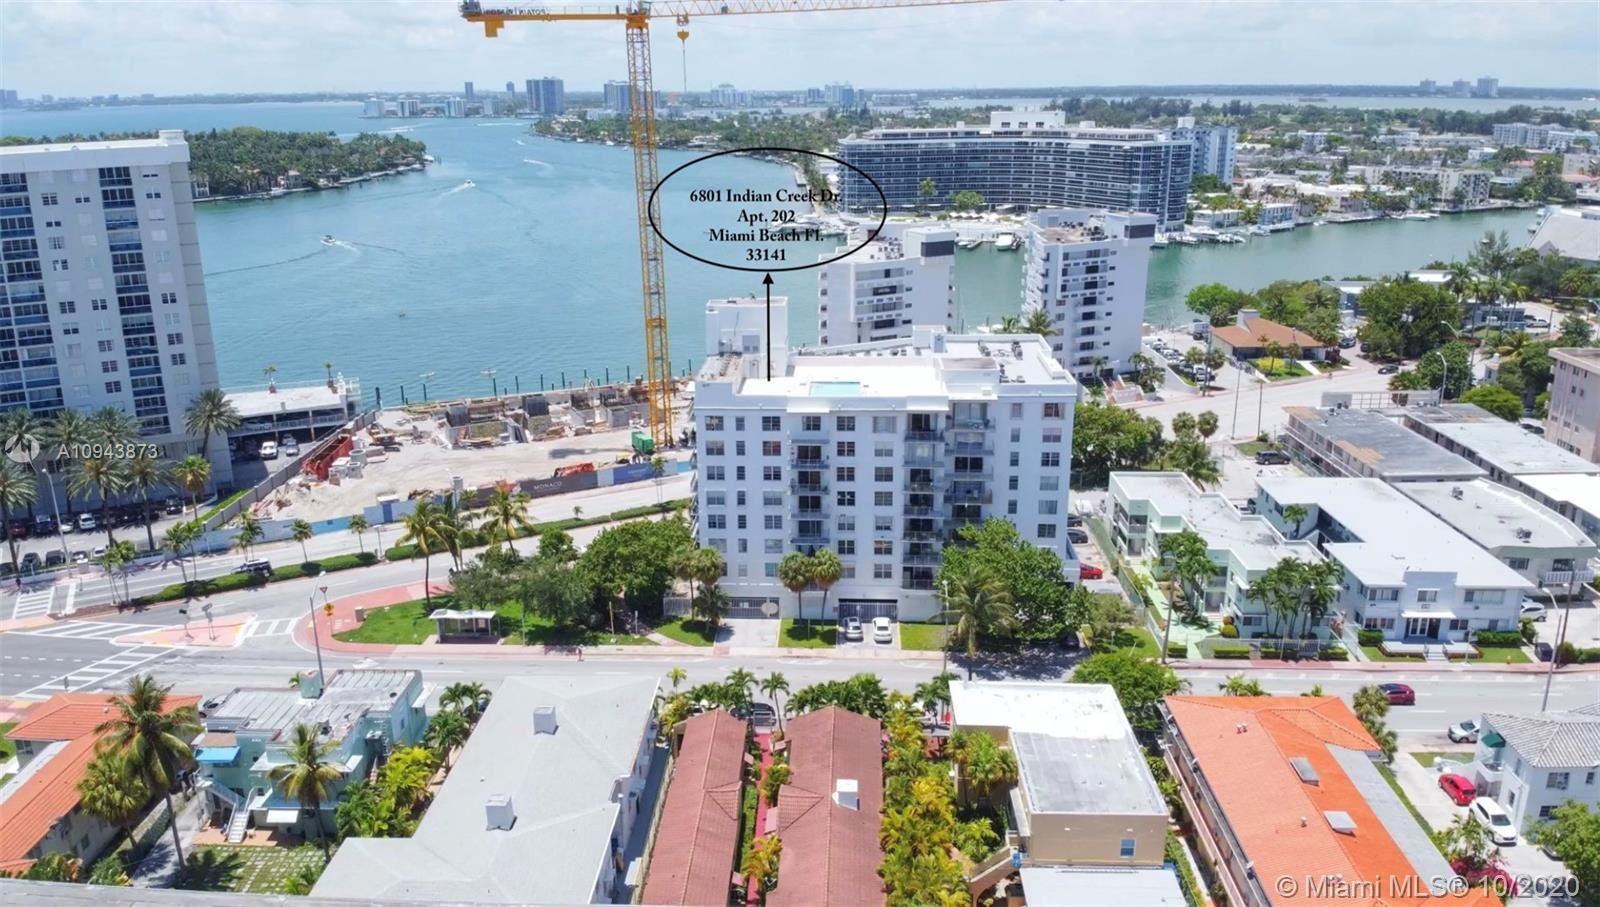 6801 Indian Creek Dr #202, Miami Beach, FL 33141 - #: A10943873